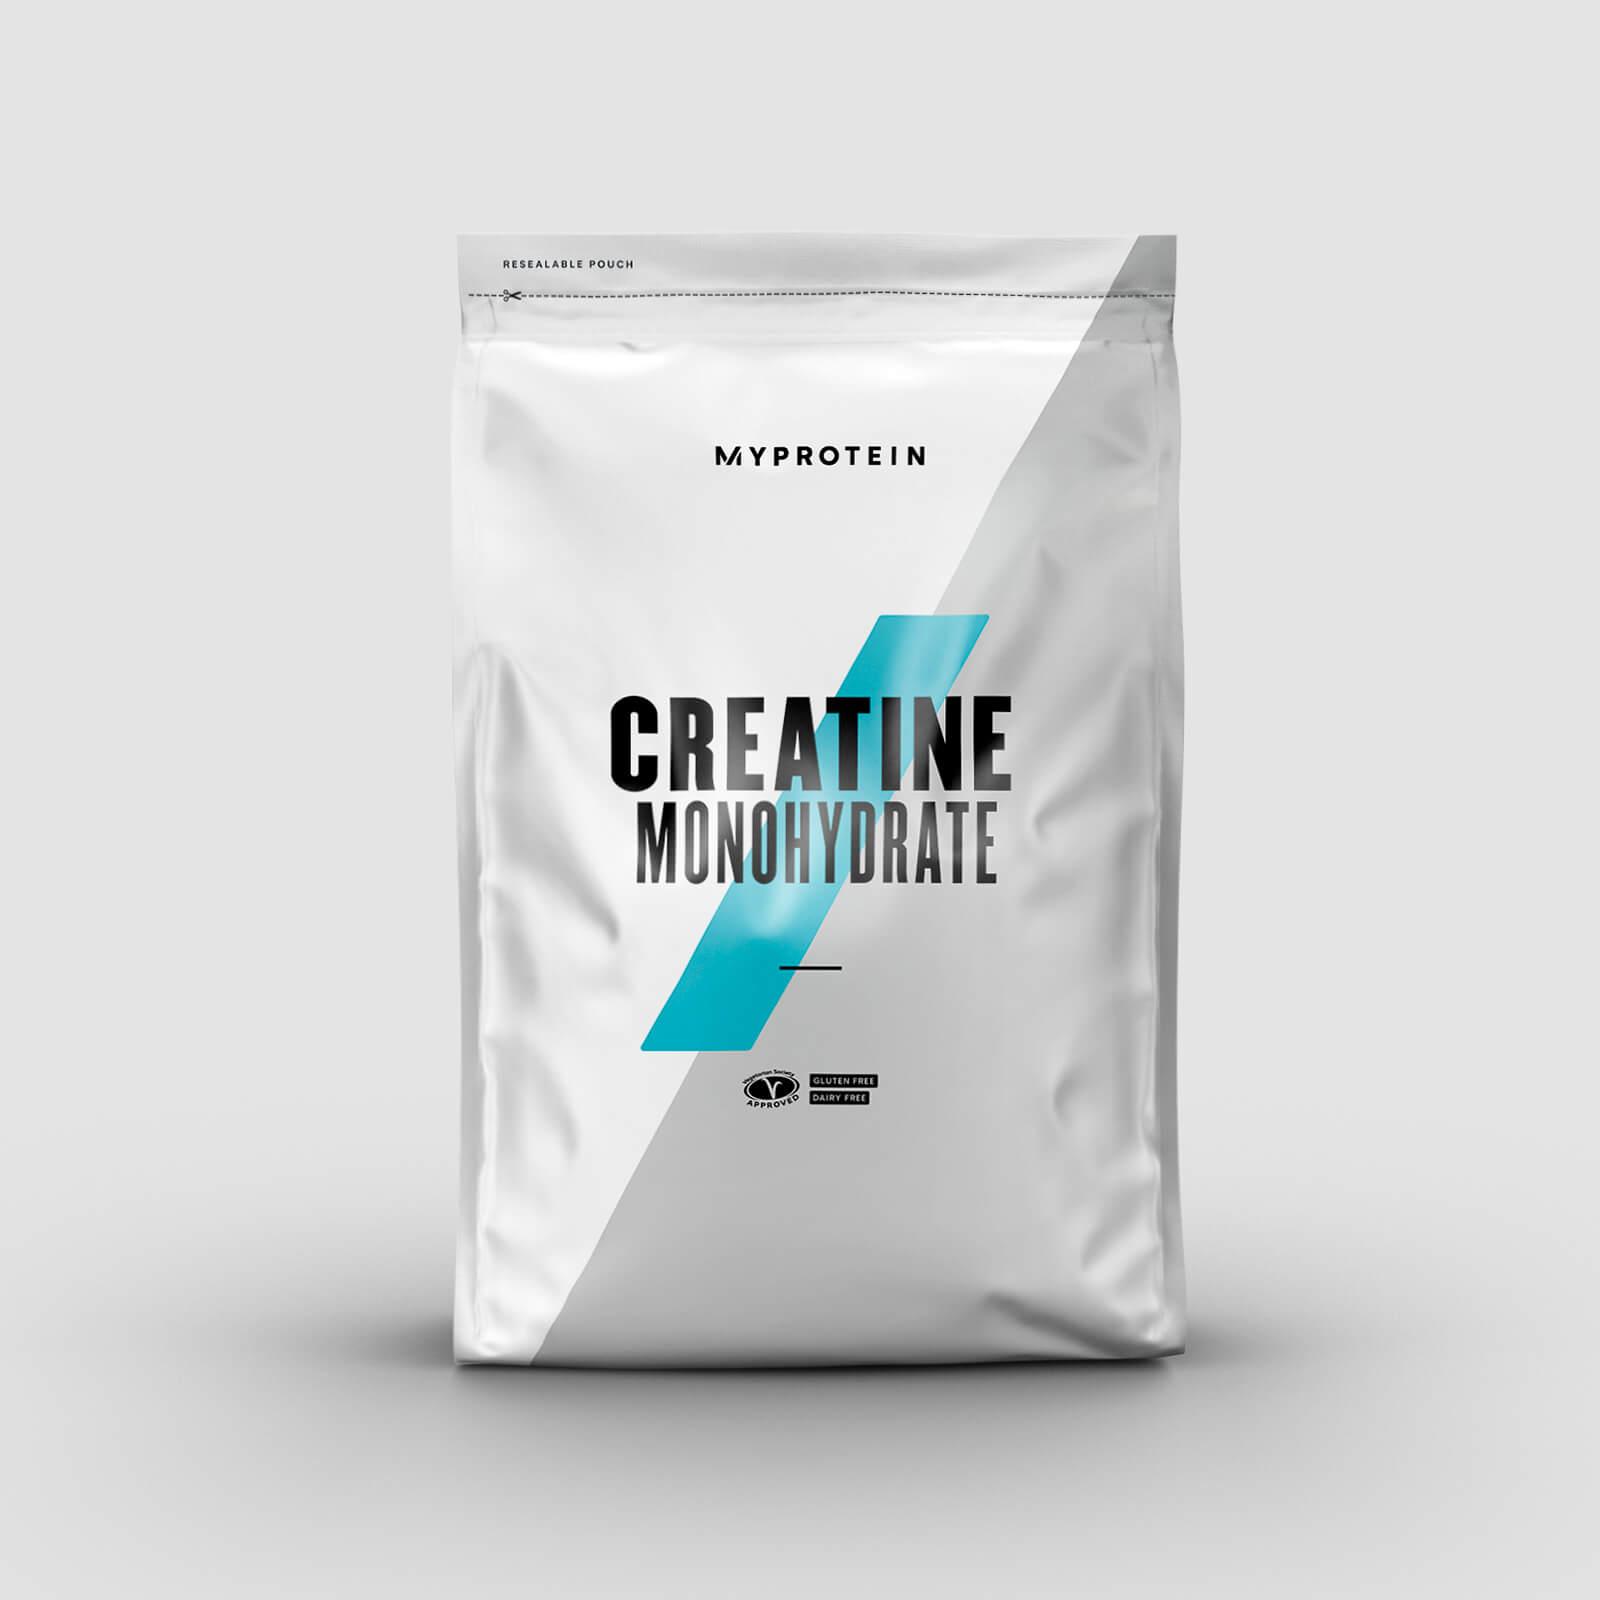 Myprotein Creatine Monohydrate Powder - 1.1lb - Unflavored